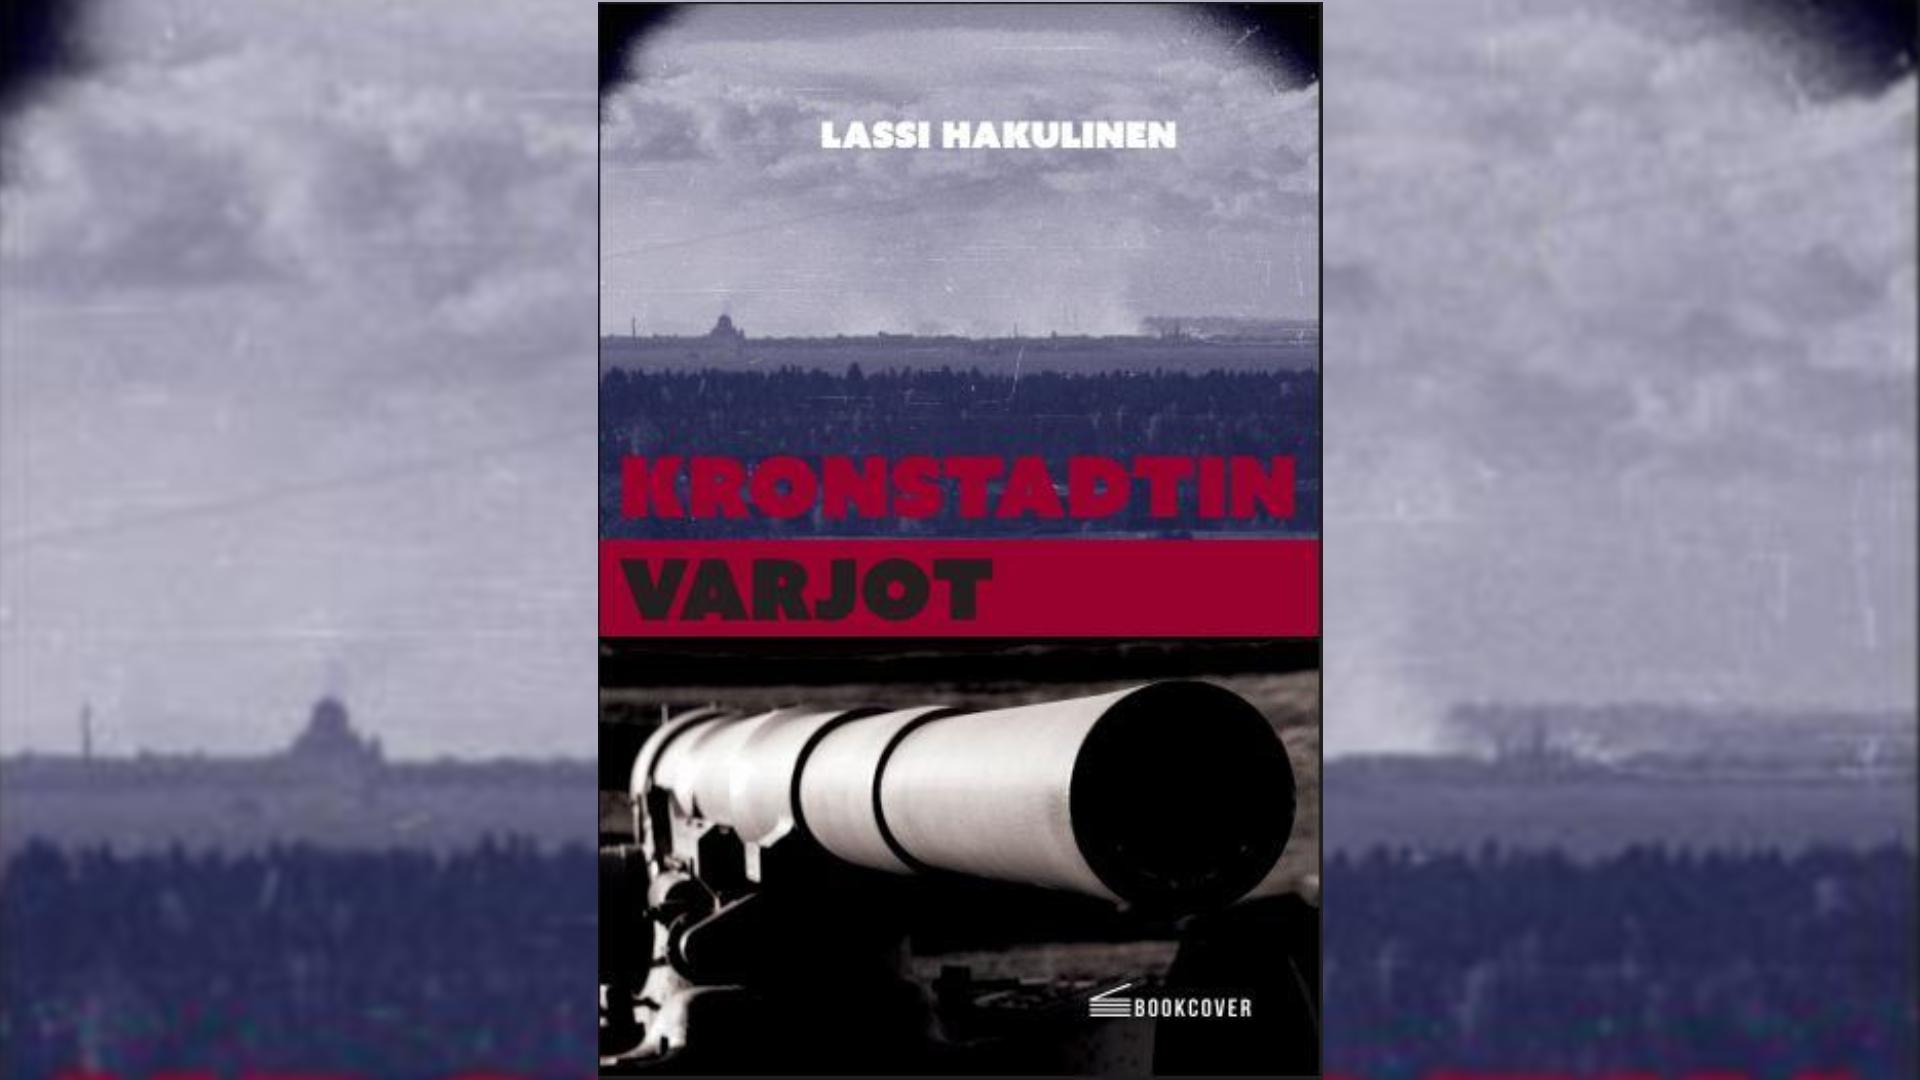 TAPAHTUMA PERUTTU: Kronstadtin varjot - historiallisen romaanin esittely